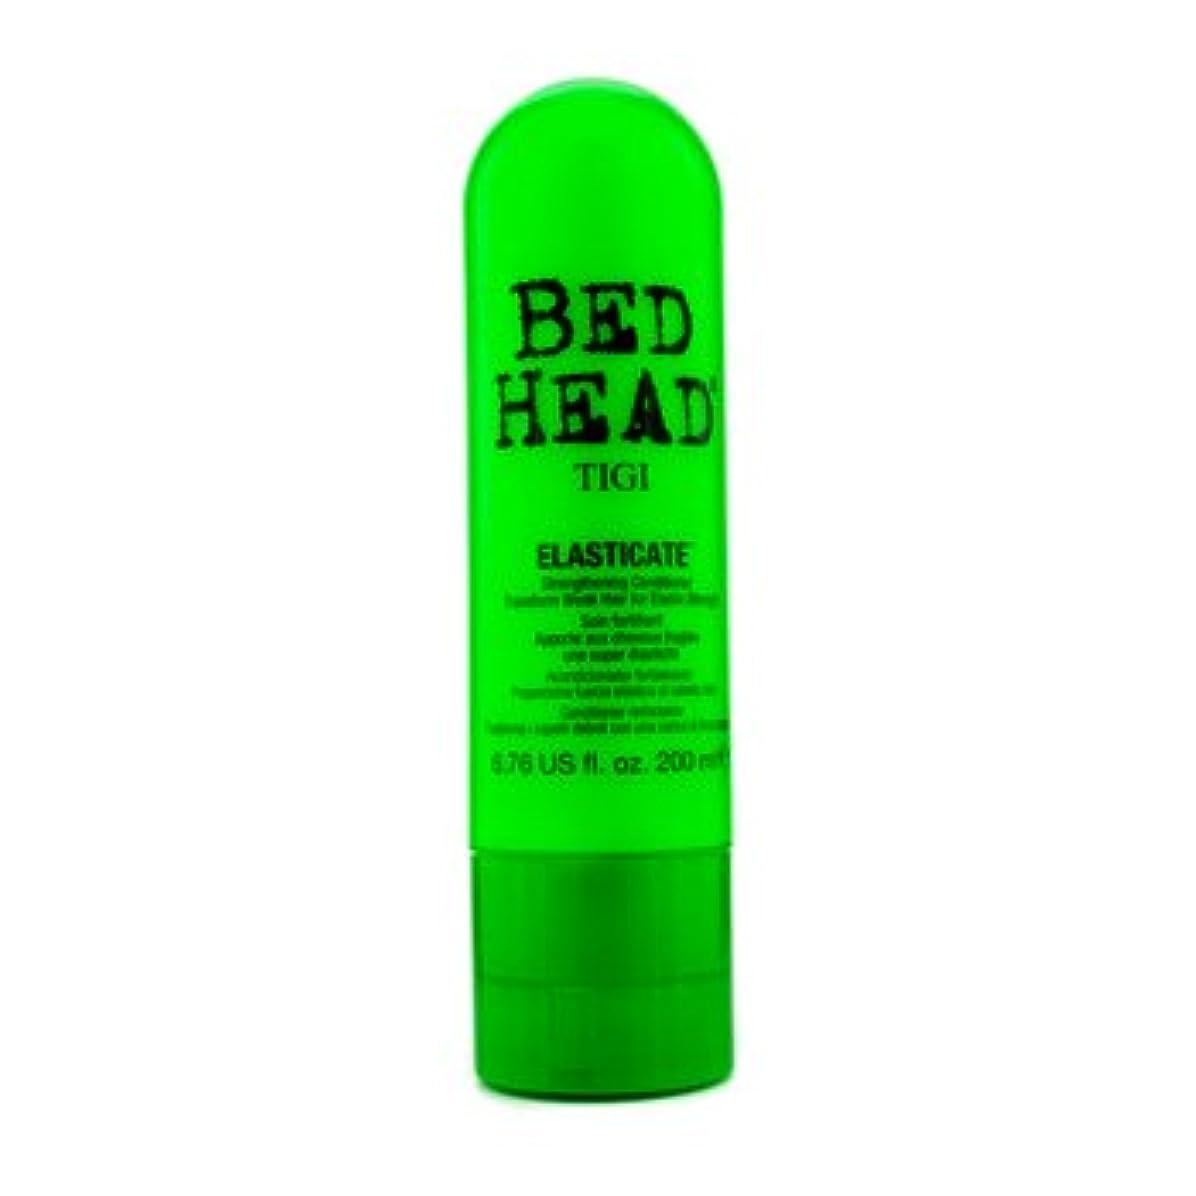 ディンカルビルロンドン小包[契] Superfuel Elasticate コンディショナー (弱い髪) の強化 200ml/6.76oz